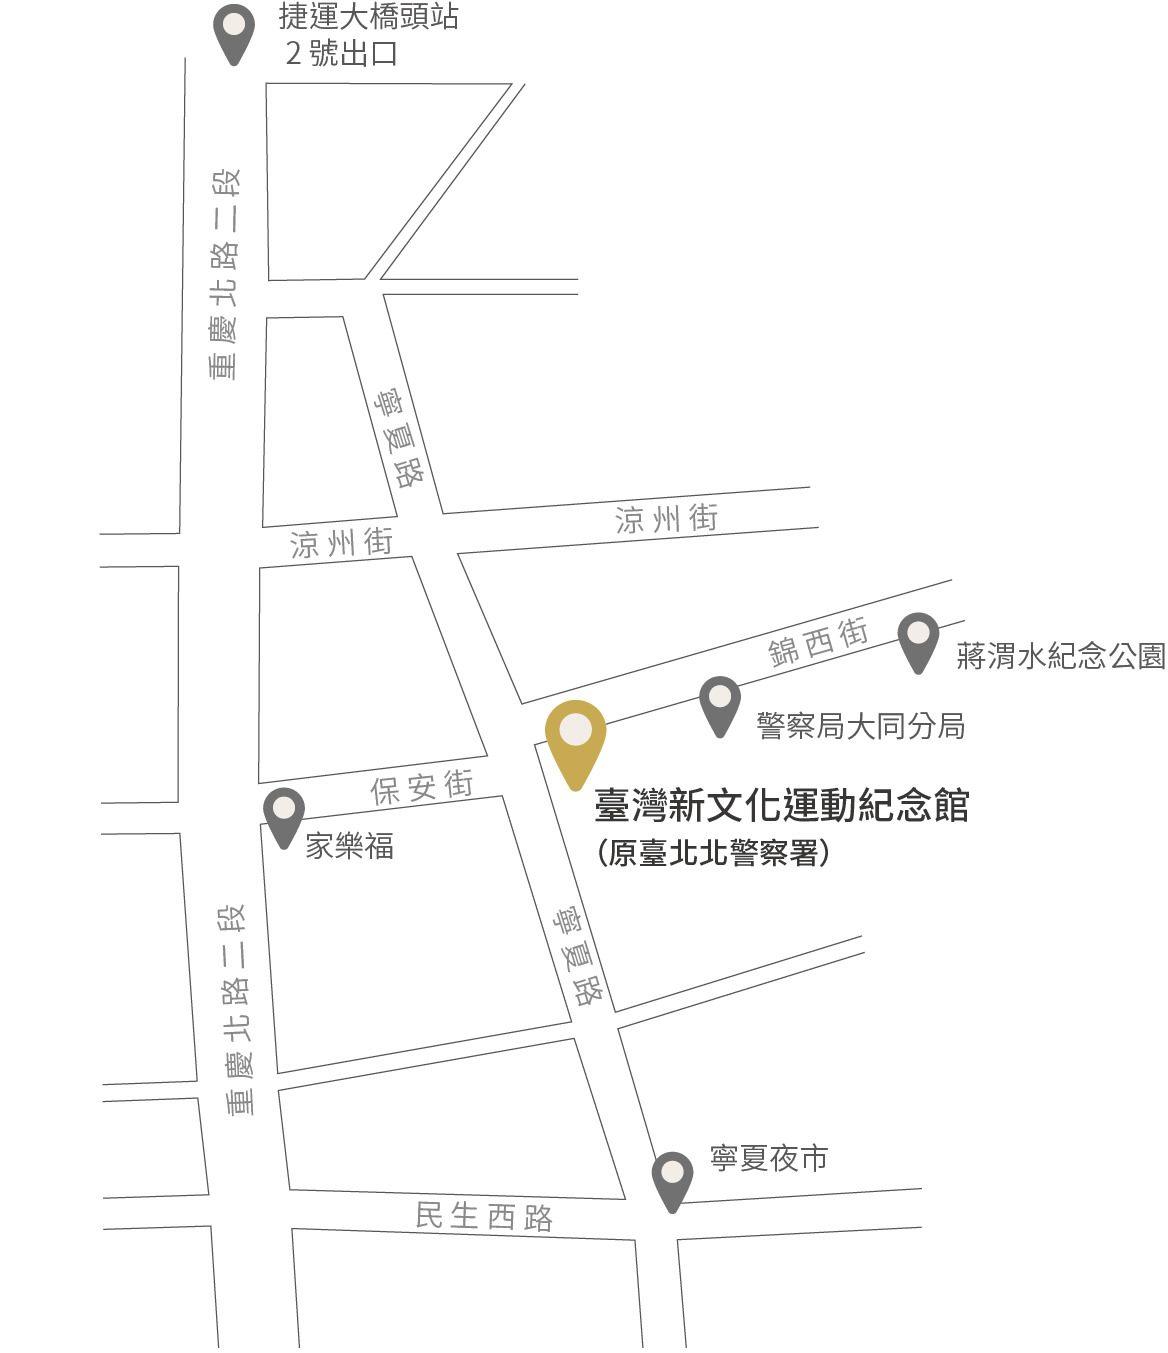 新文化運動紀念館-地理位置圖